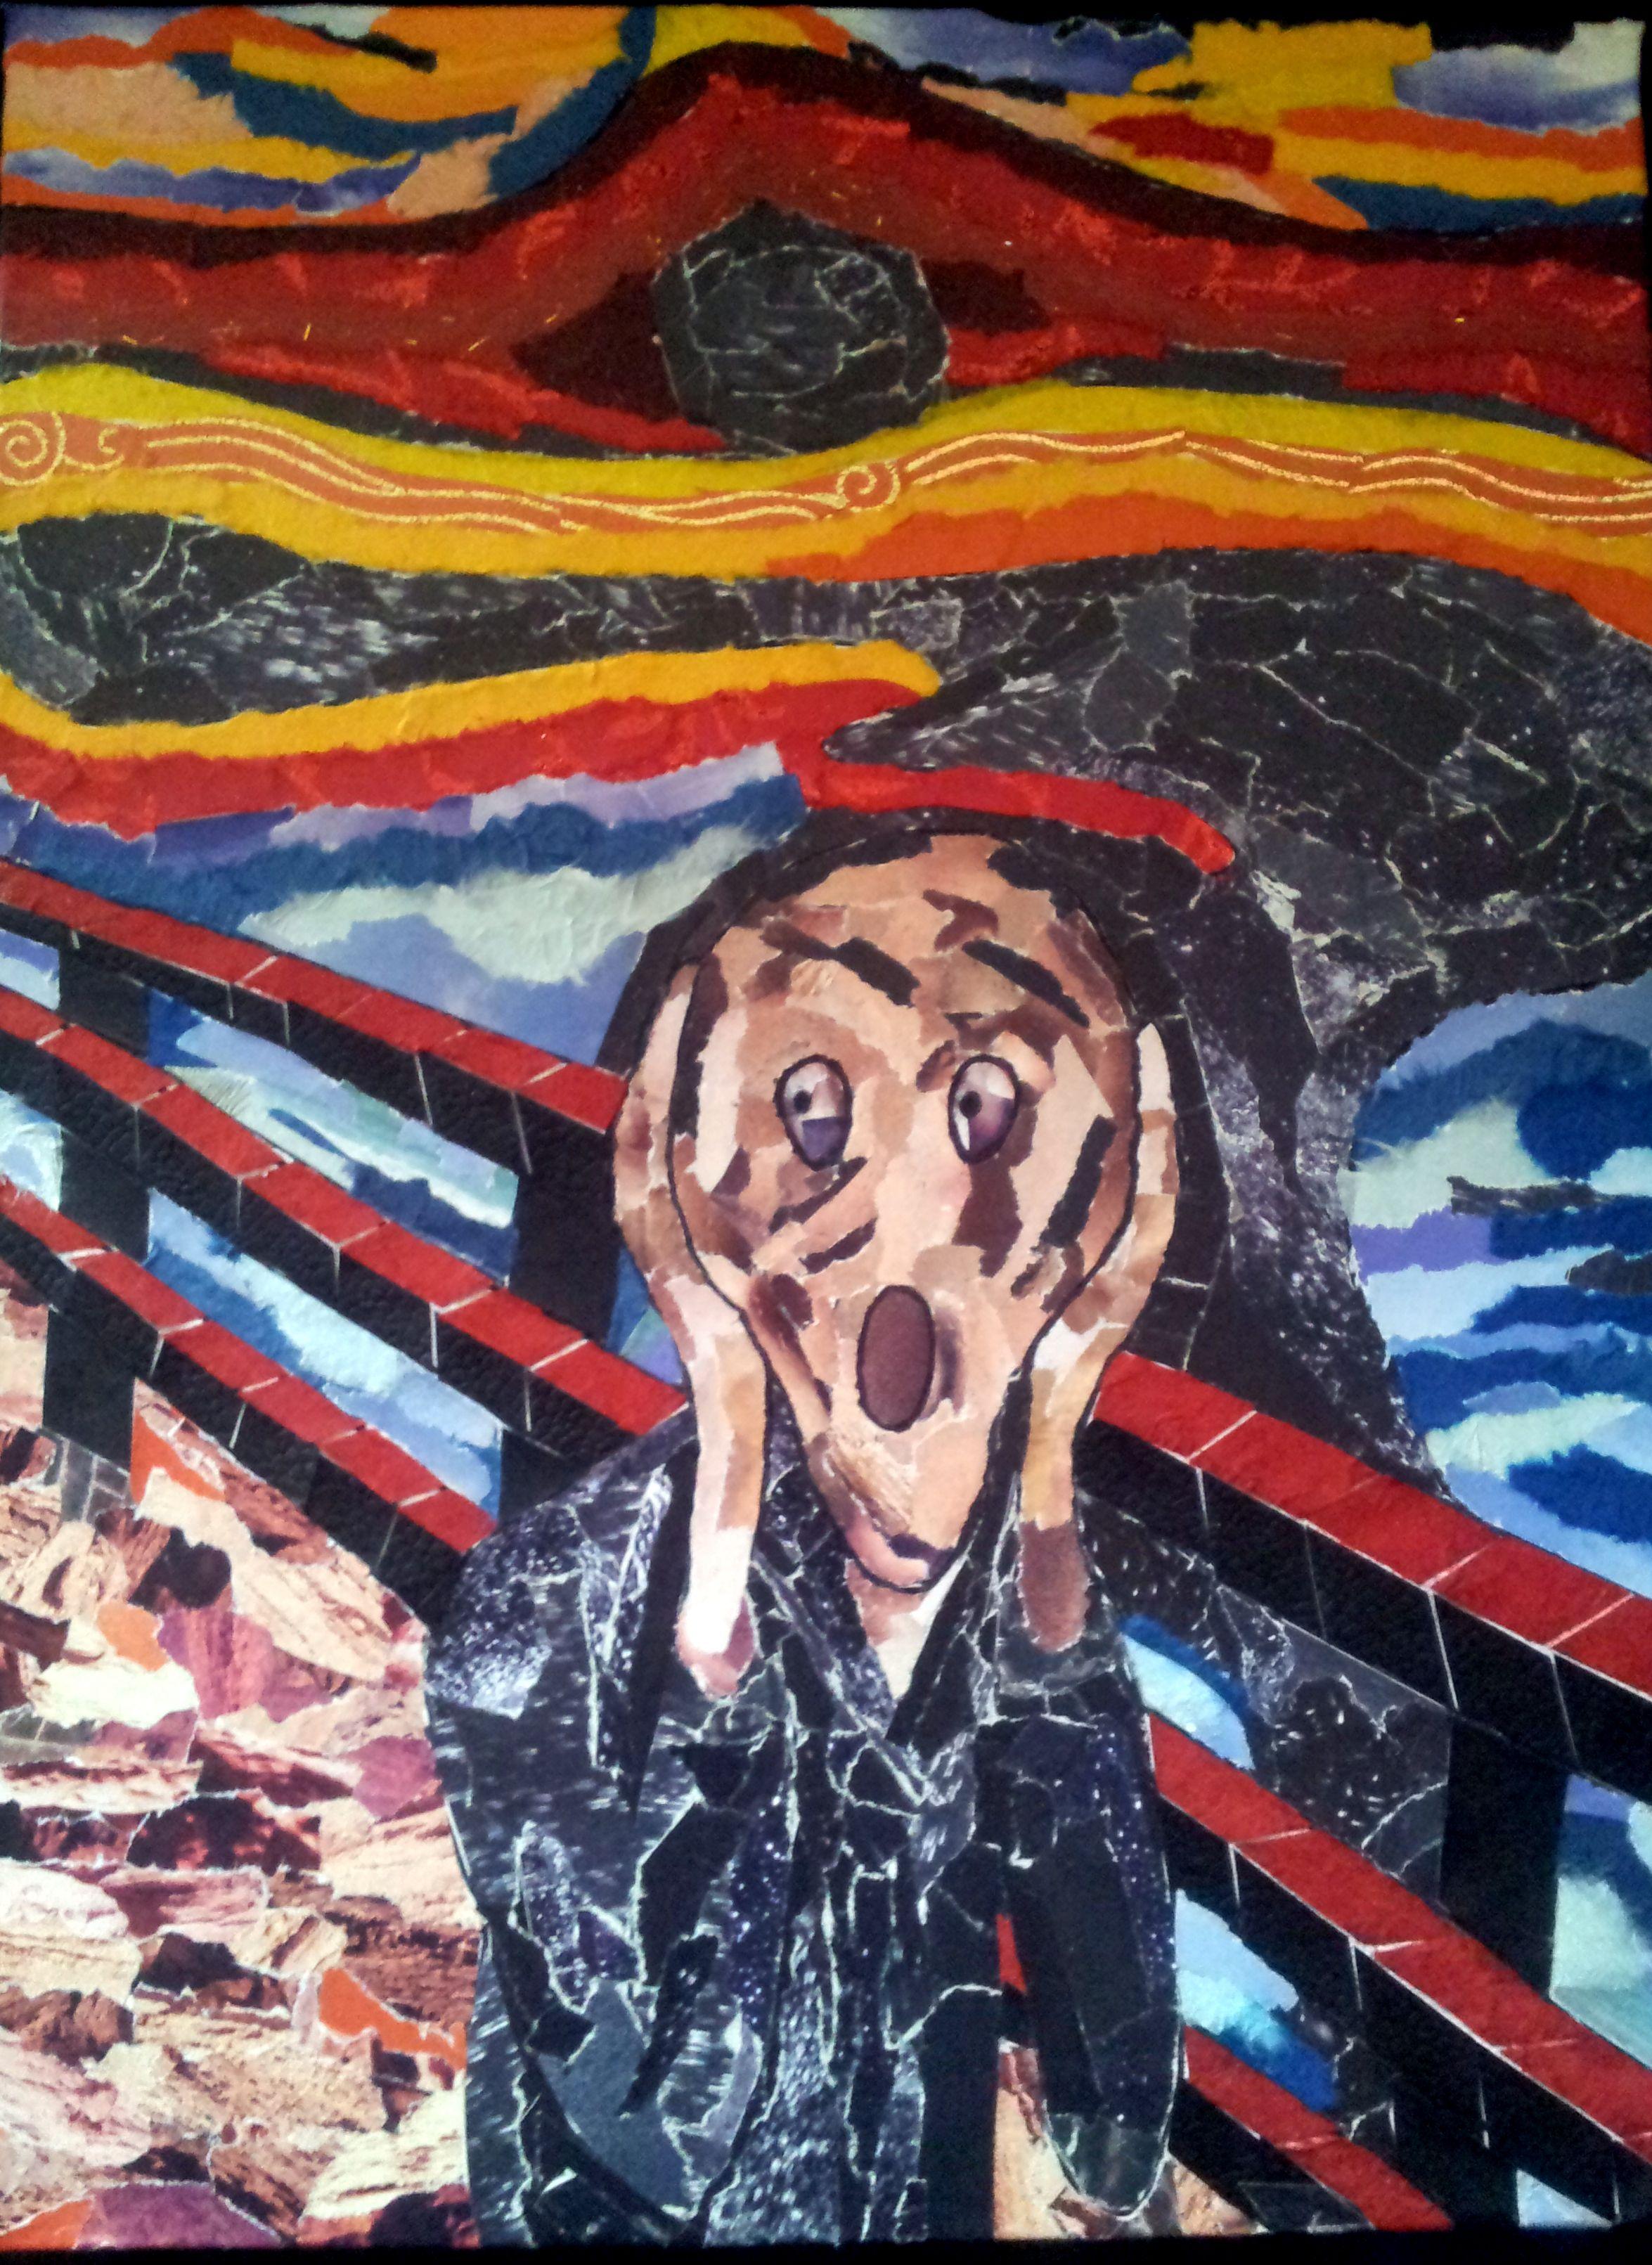 De Schreeuw Gemaakt Van Gescheurd Papier Postmodernisme De Schreeuw Edvard Munch En Kunst